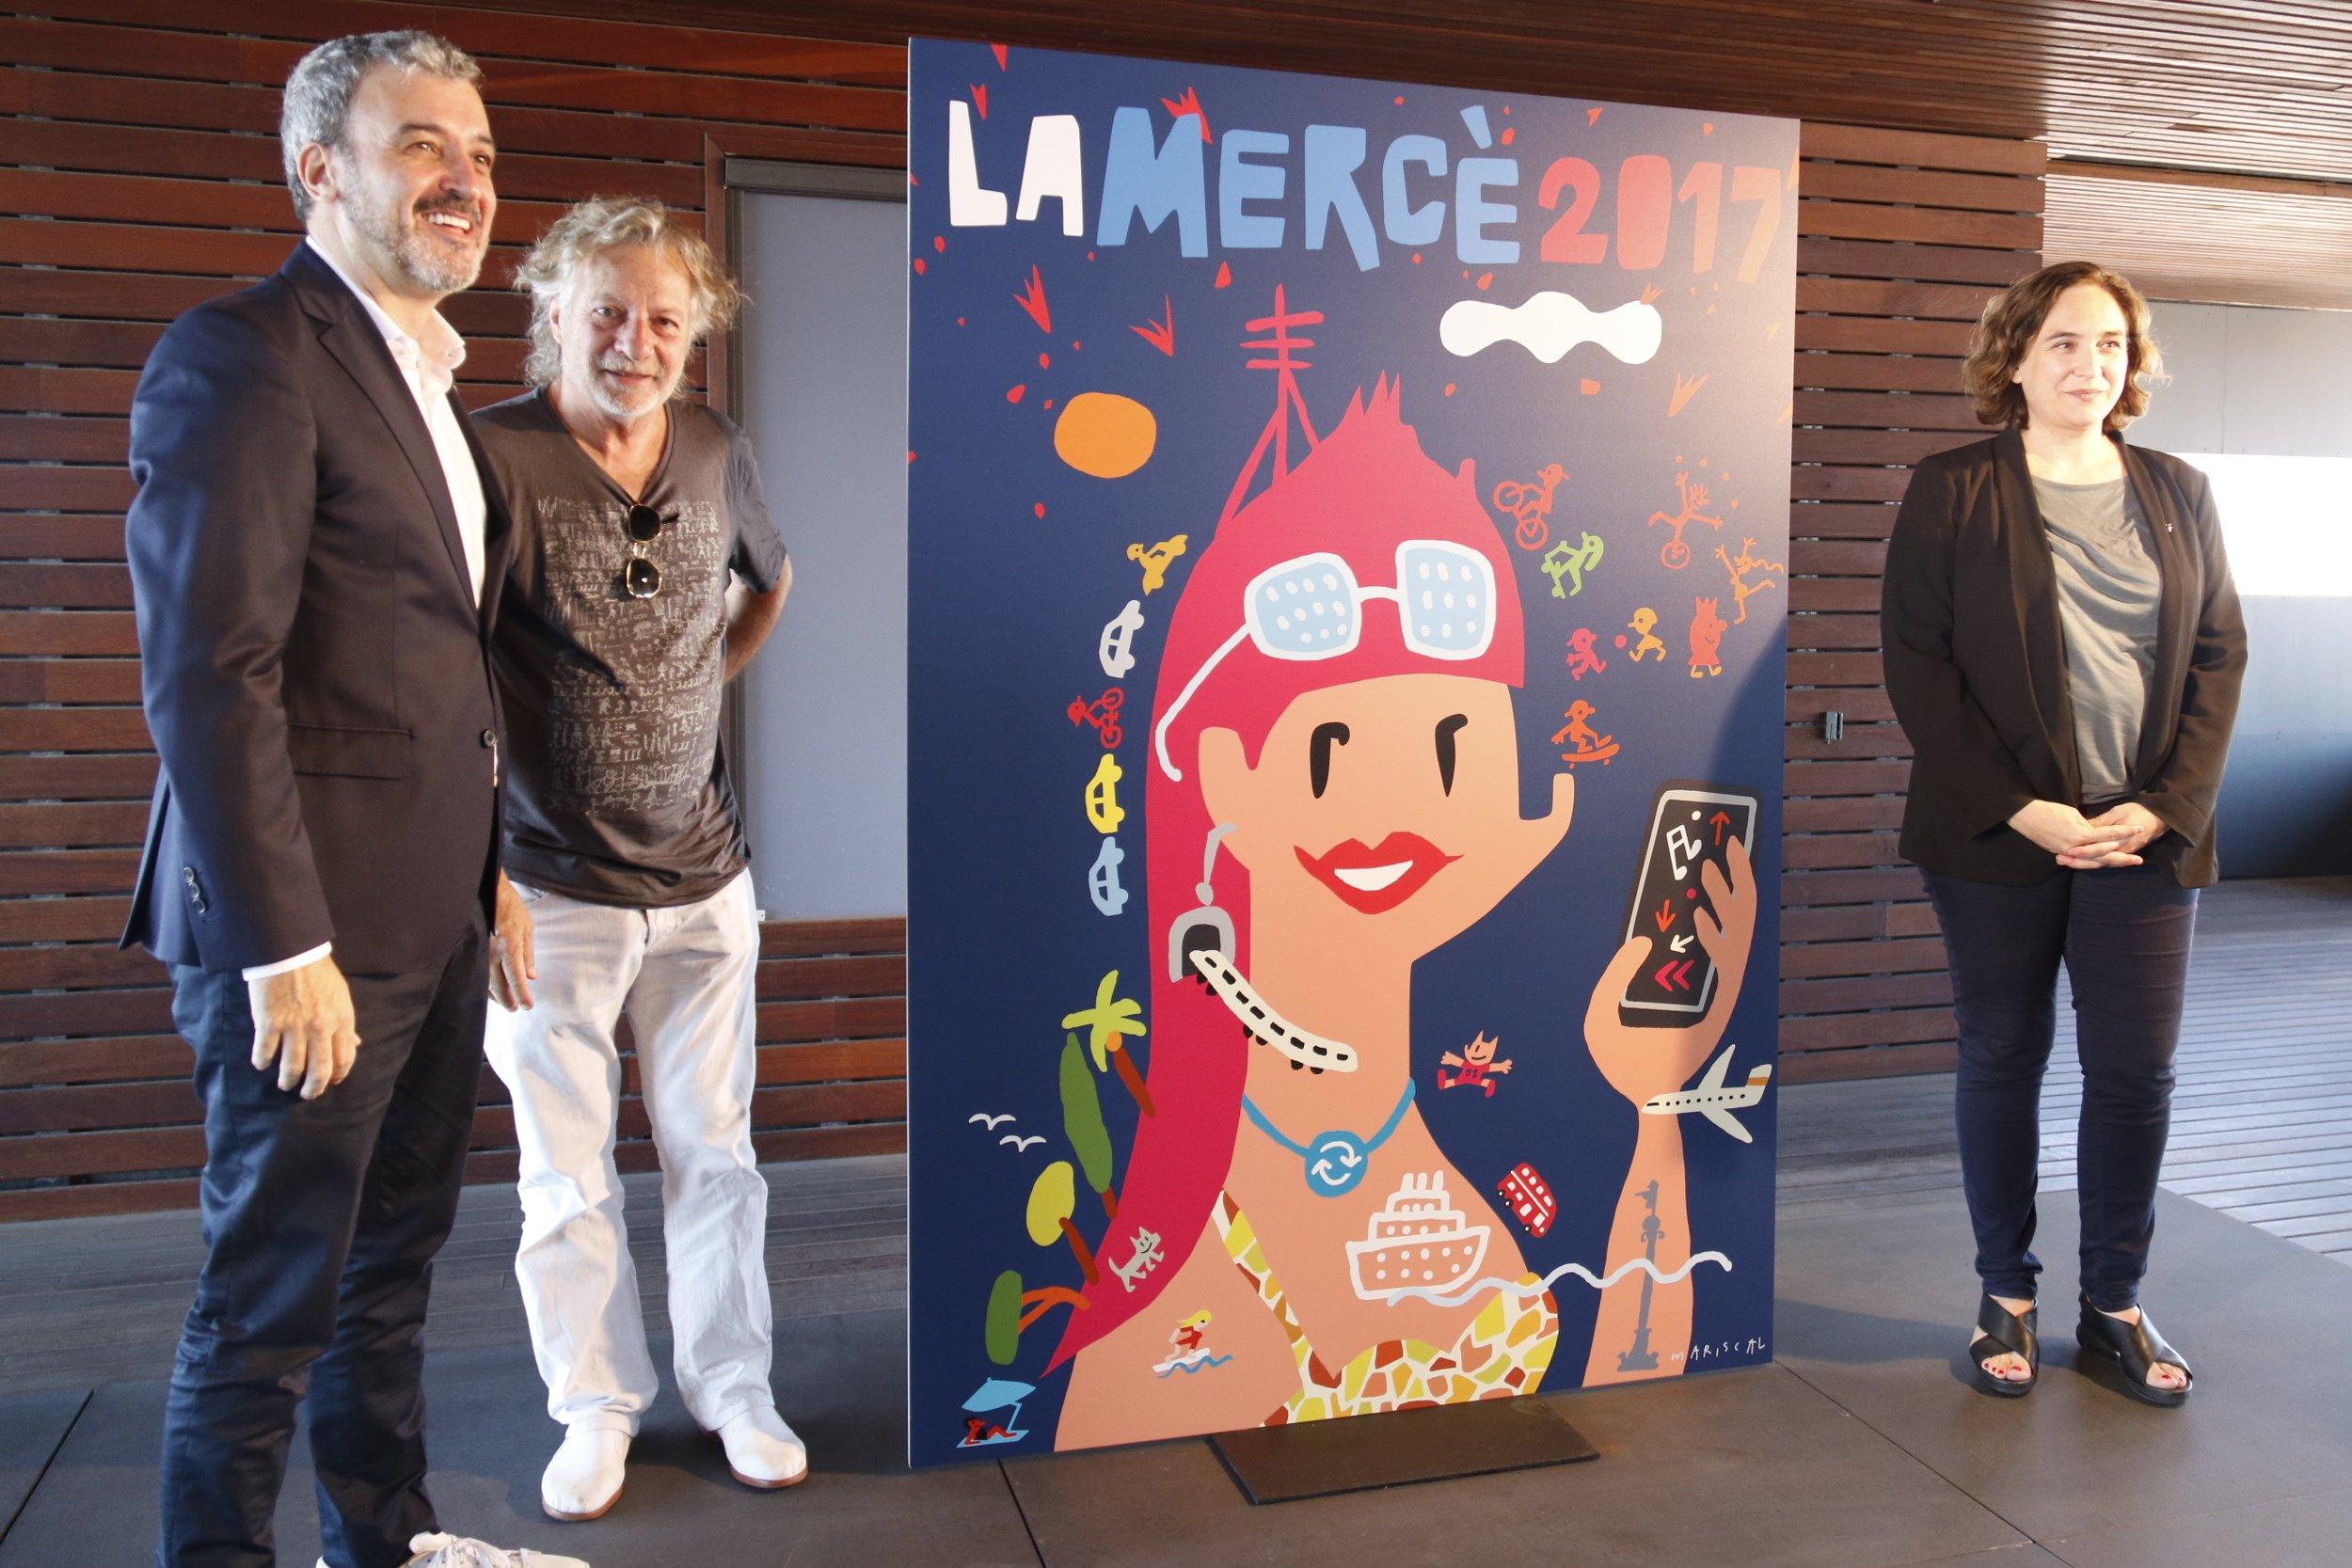 Javier mariscal ilustra el cartel de la merc 2017 for Mariscal disenador